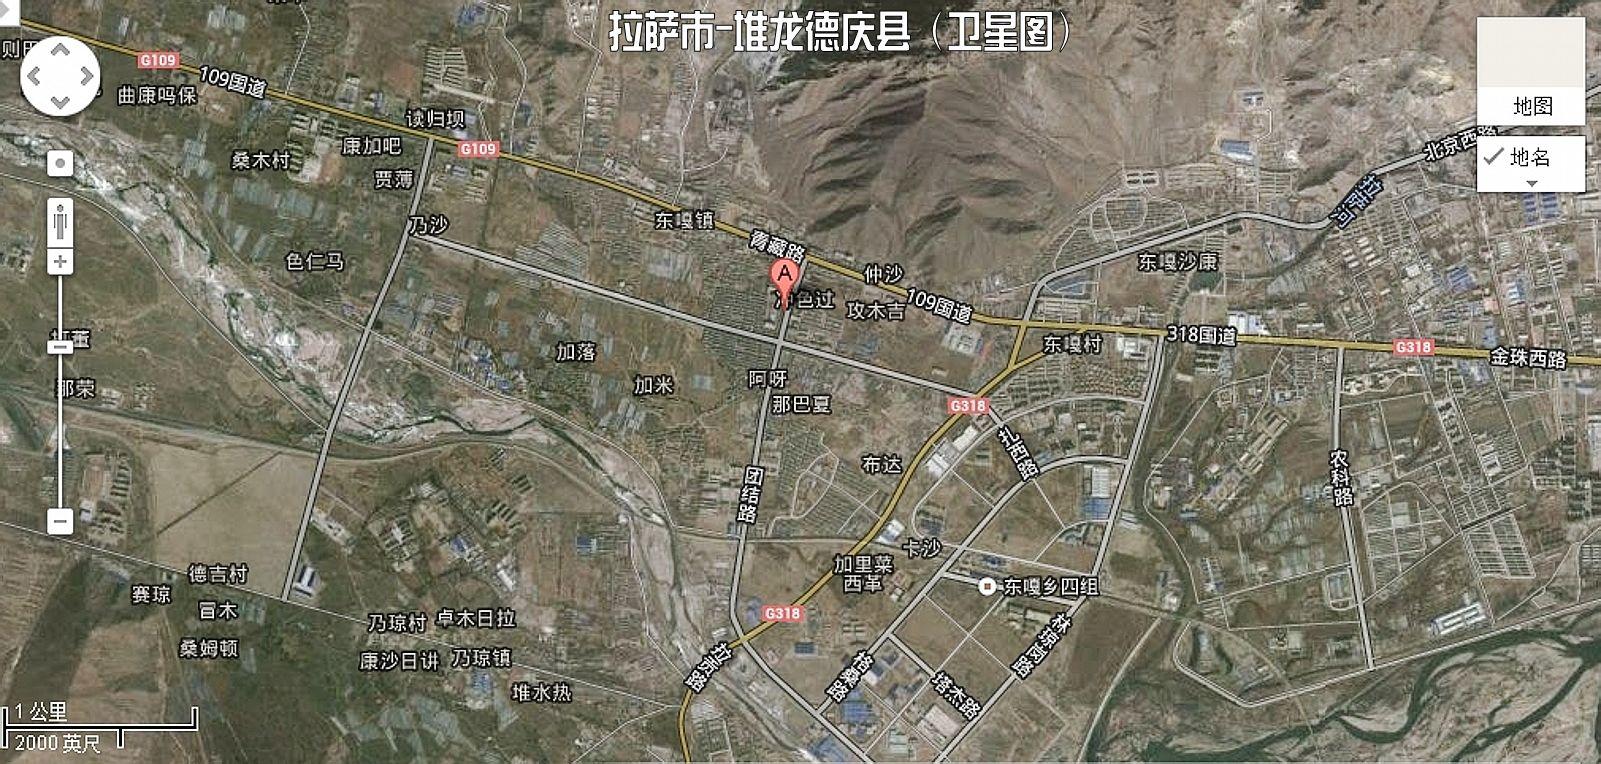 德庆龙�yn�y��9�g��9�izj�_堆龙德庆镇卫星清晰图